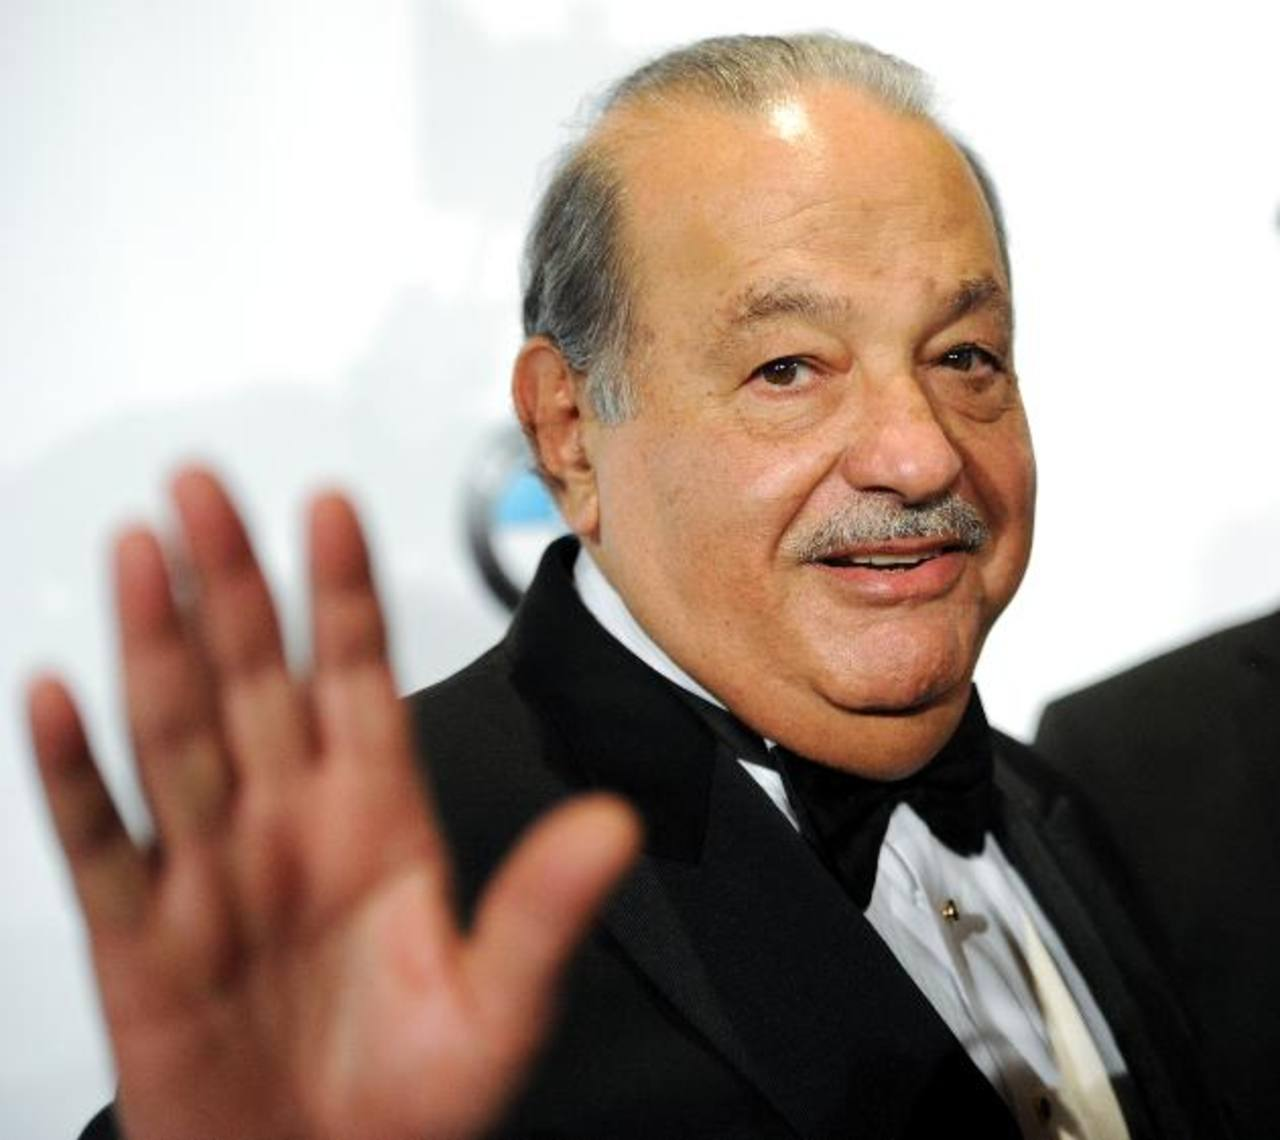 El multimillonario Carlos Slim posee la mayoría de las acciones del NY Times en el mercado abierto, pero no controla la compañía.